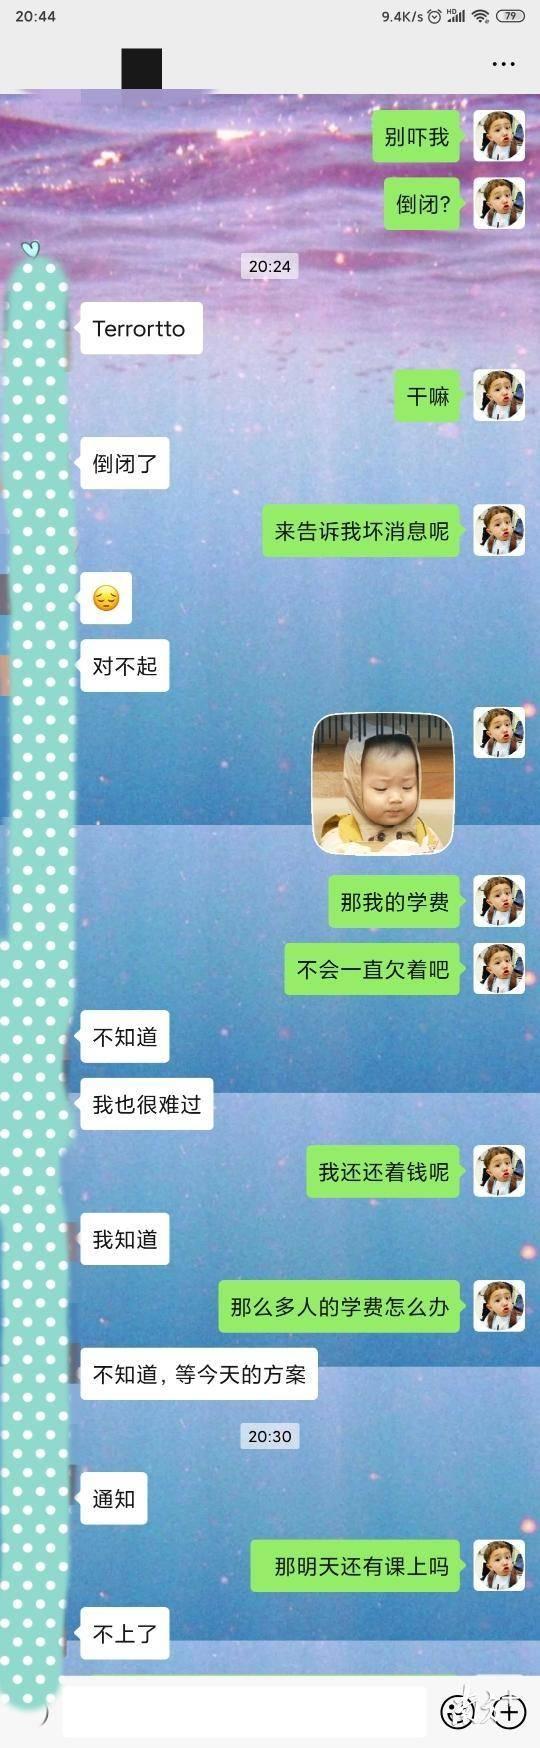 视频:韦博英语曝资金链断裂 深圳8家分校受影响 老师两月未发工资